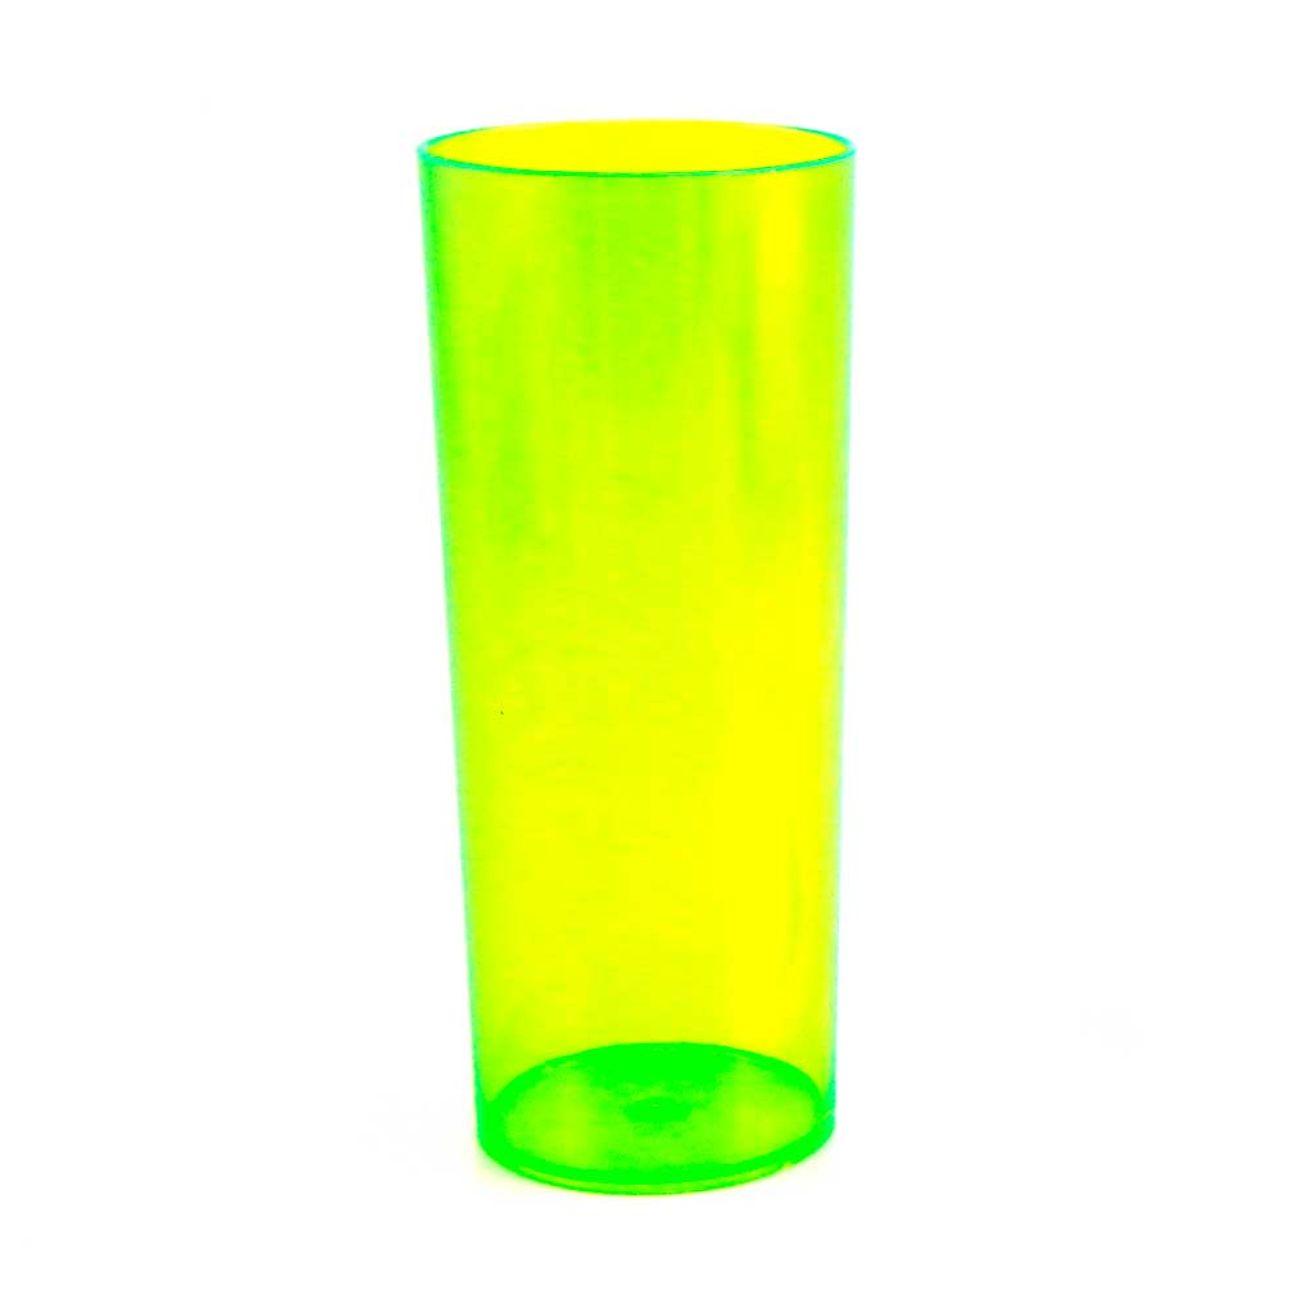 e8fe67365 Copo Long Drink de Acrílico Verde Neon - 350ml - socd-mob